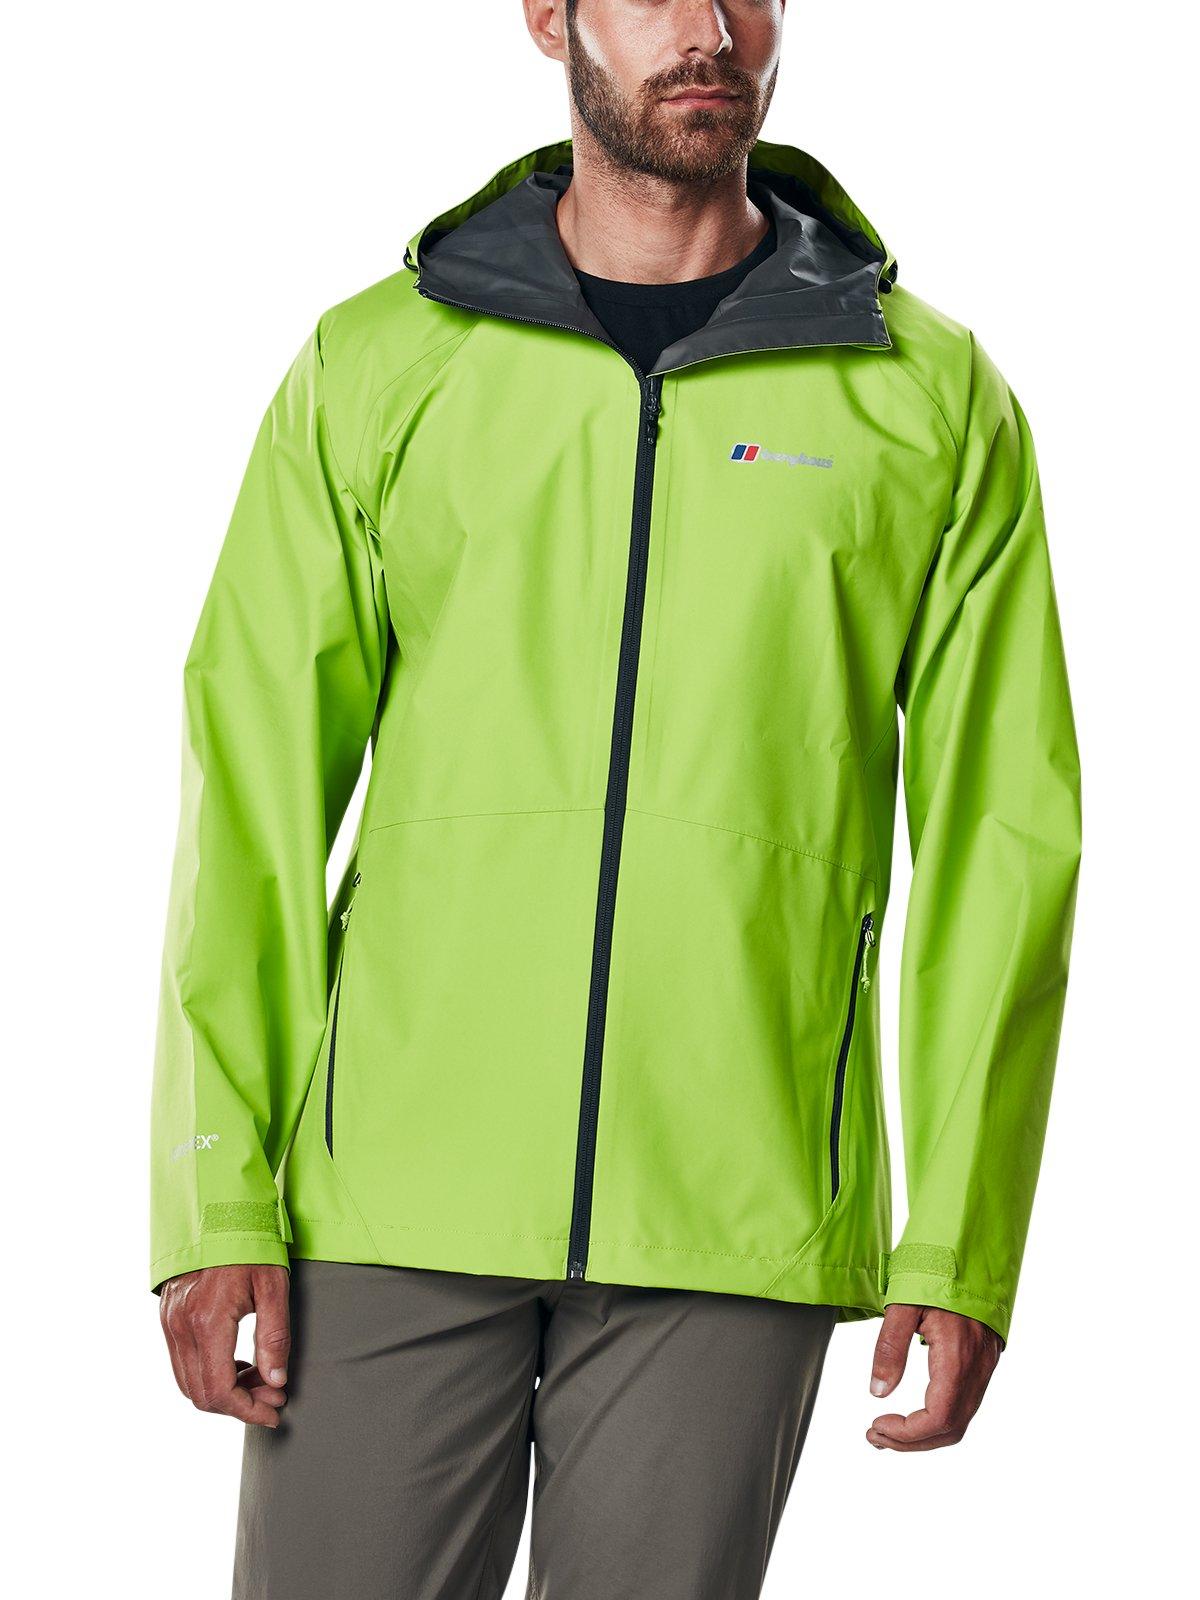 Chive//duffel Bag All Sizes Berghaus Paclite 2.0 Mens Jacket Coat